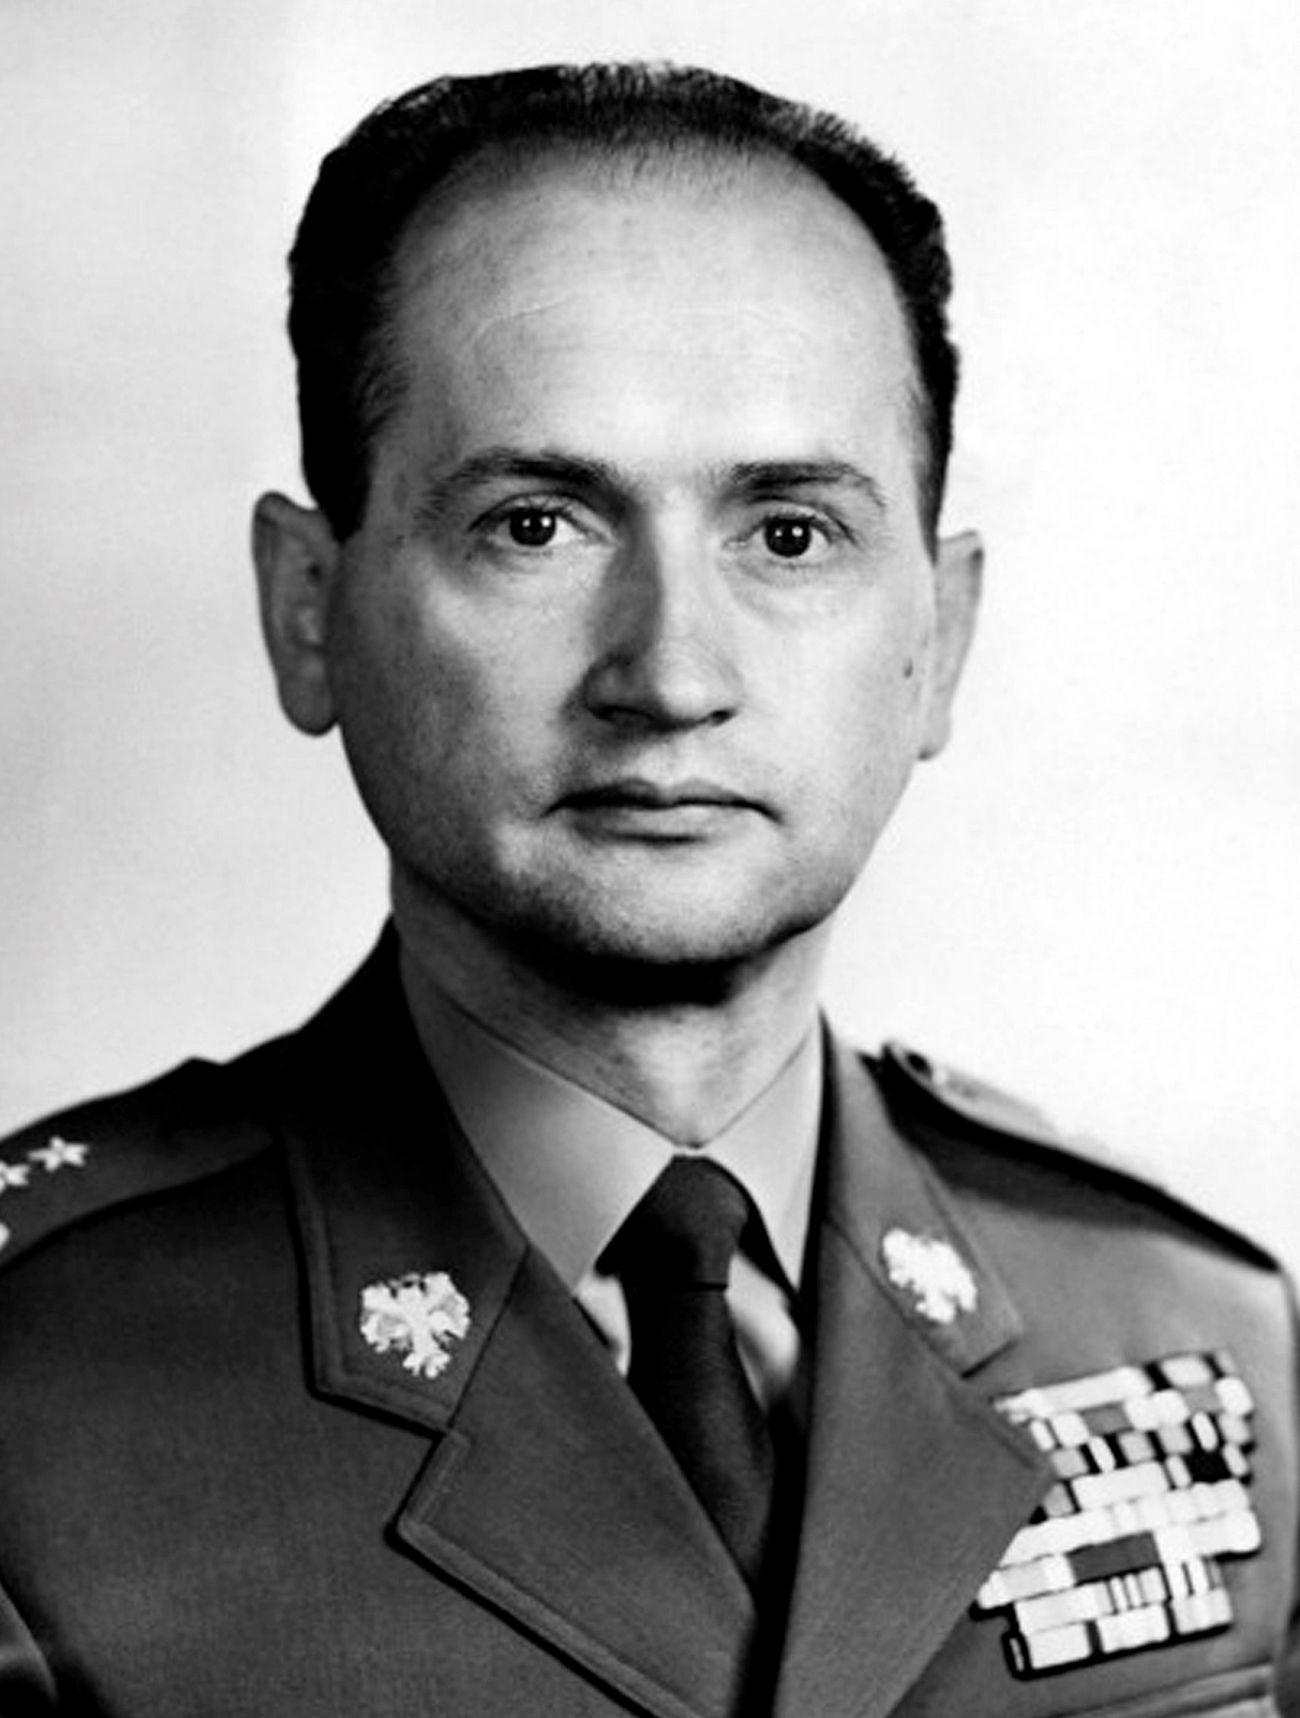 Młody Wojciech Jaruzelski mógł zginąć z rąk wyklętych (fot. domena publiczna).